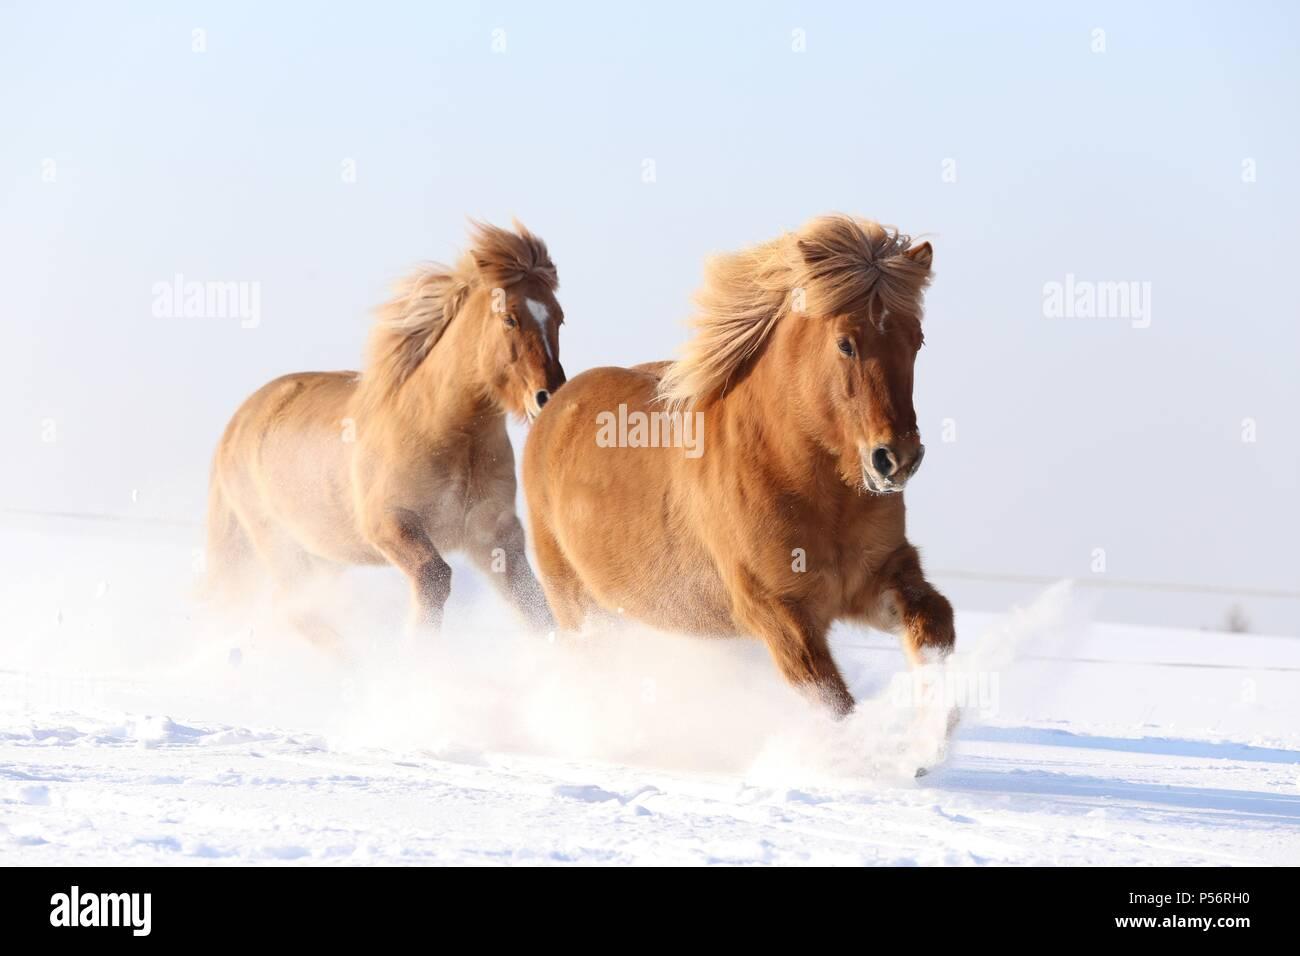 2 Icelandic horses - Stock Image